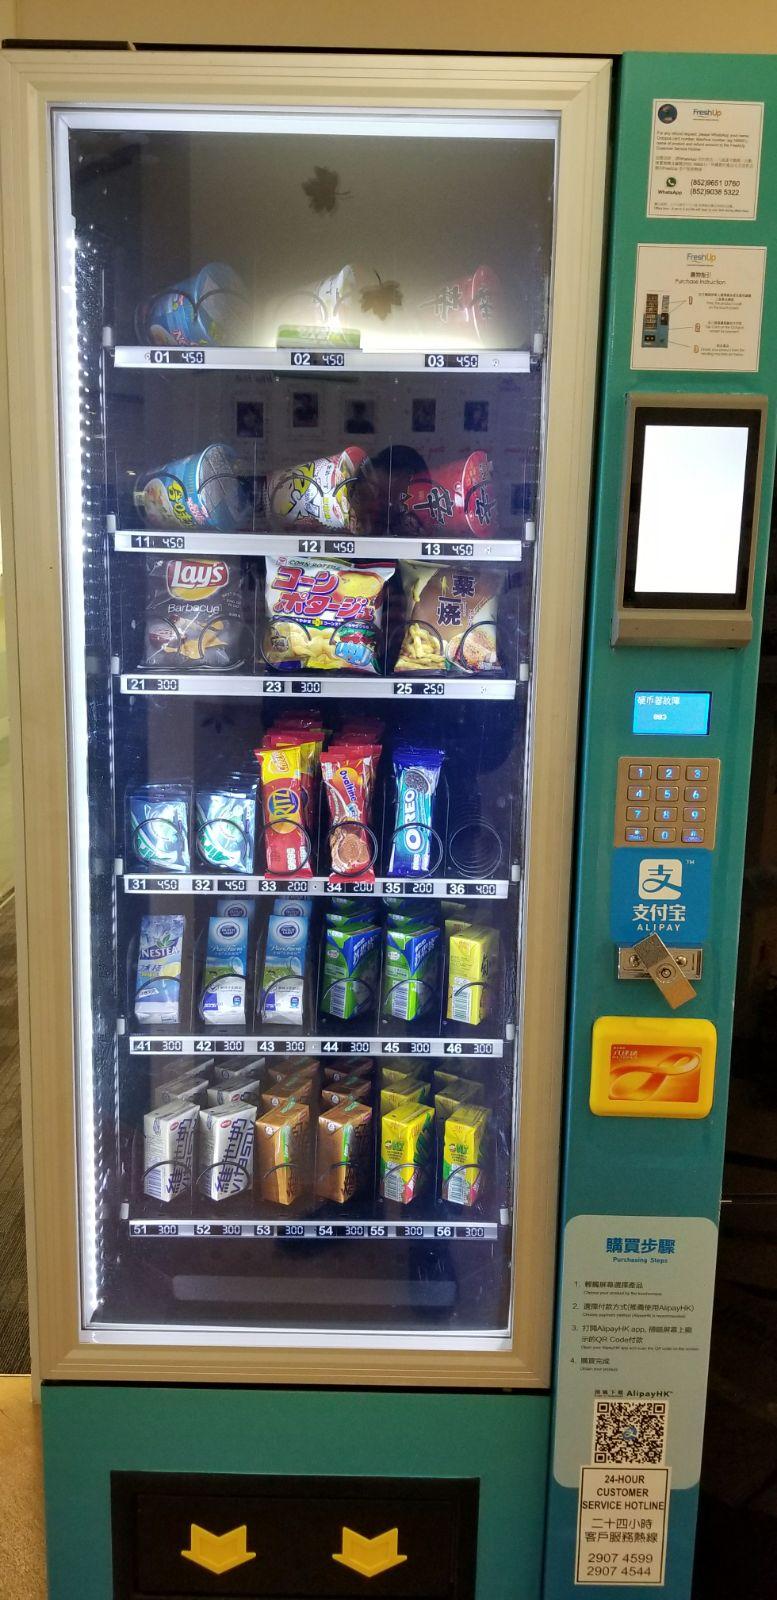 FreshUp,自動售賣機,自動販賣機,零食,飲品,方便,快捷,智能,企業,公司,信任,阿里巴巴